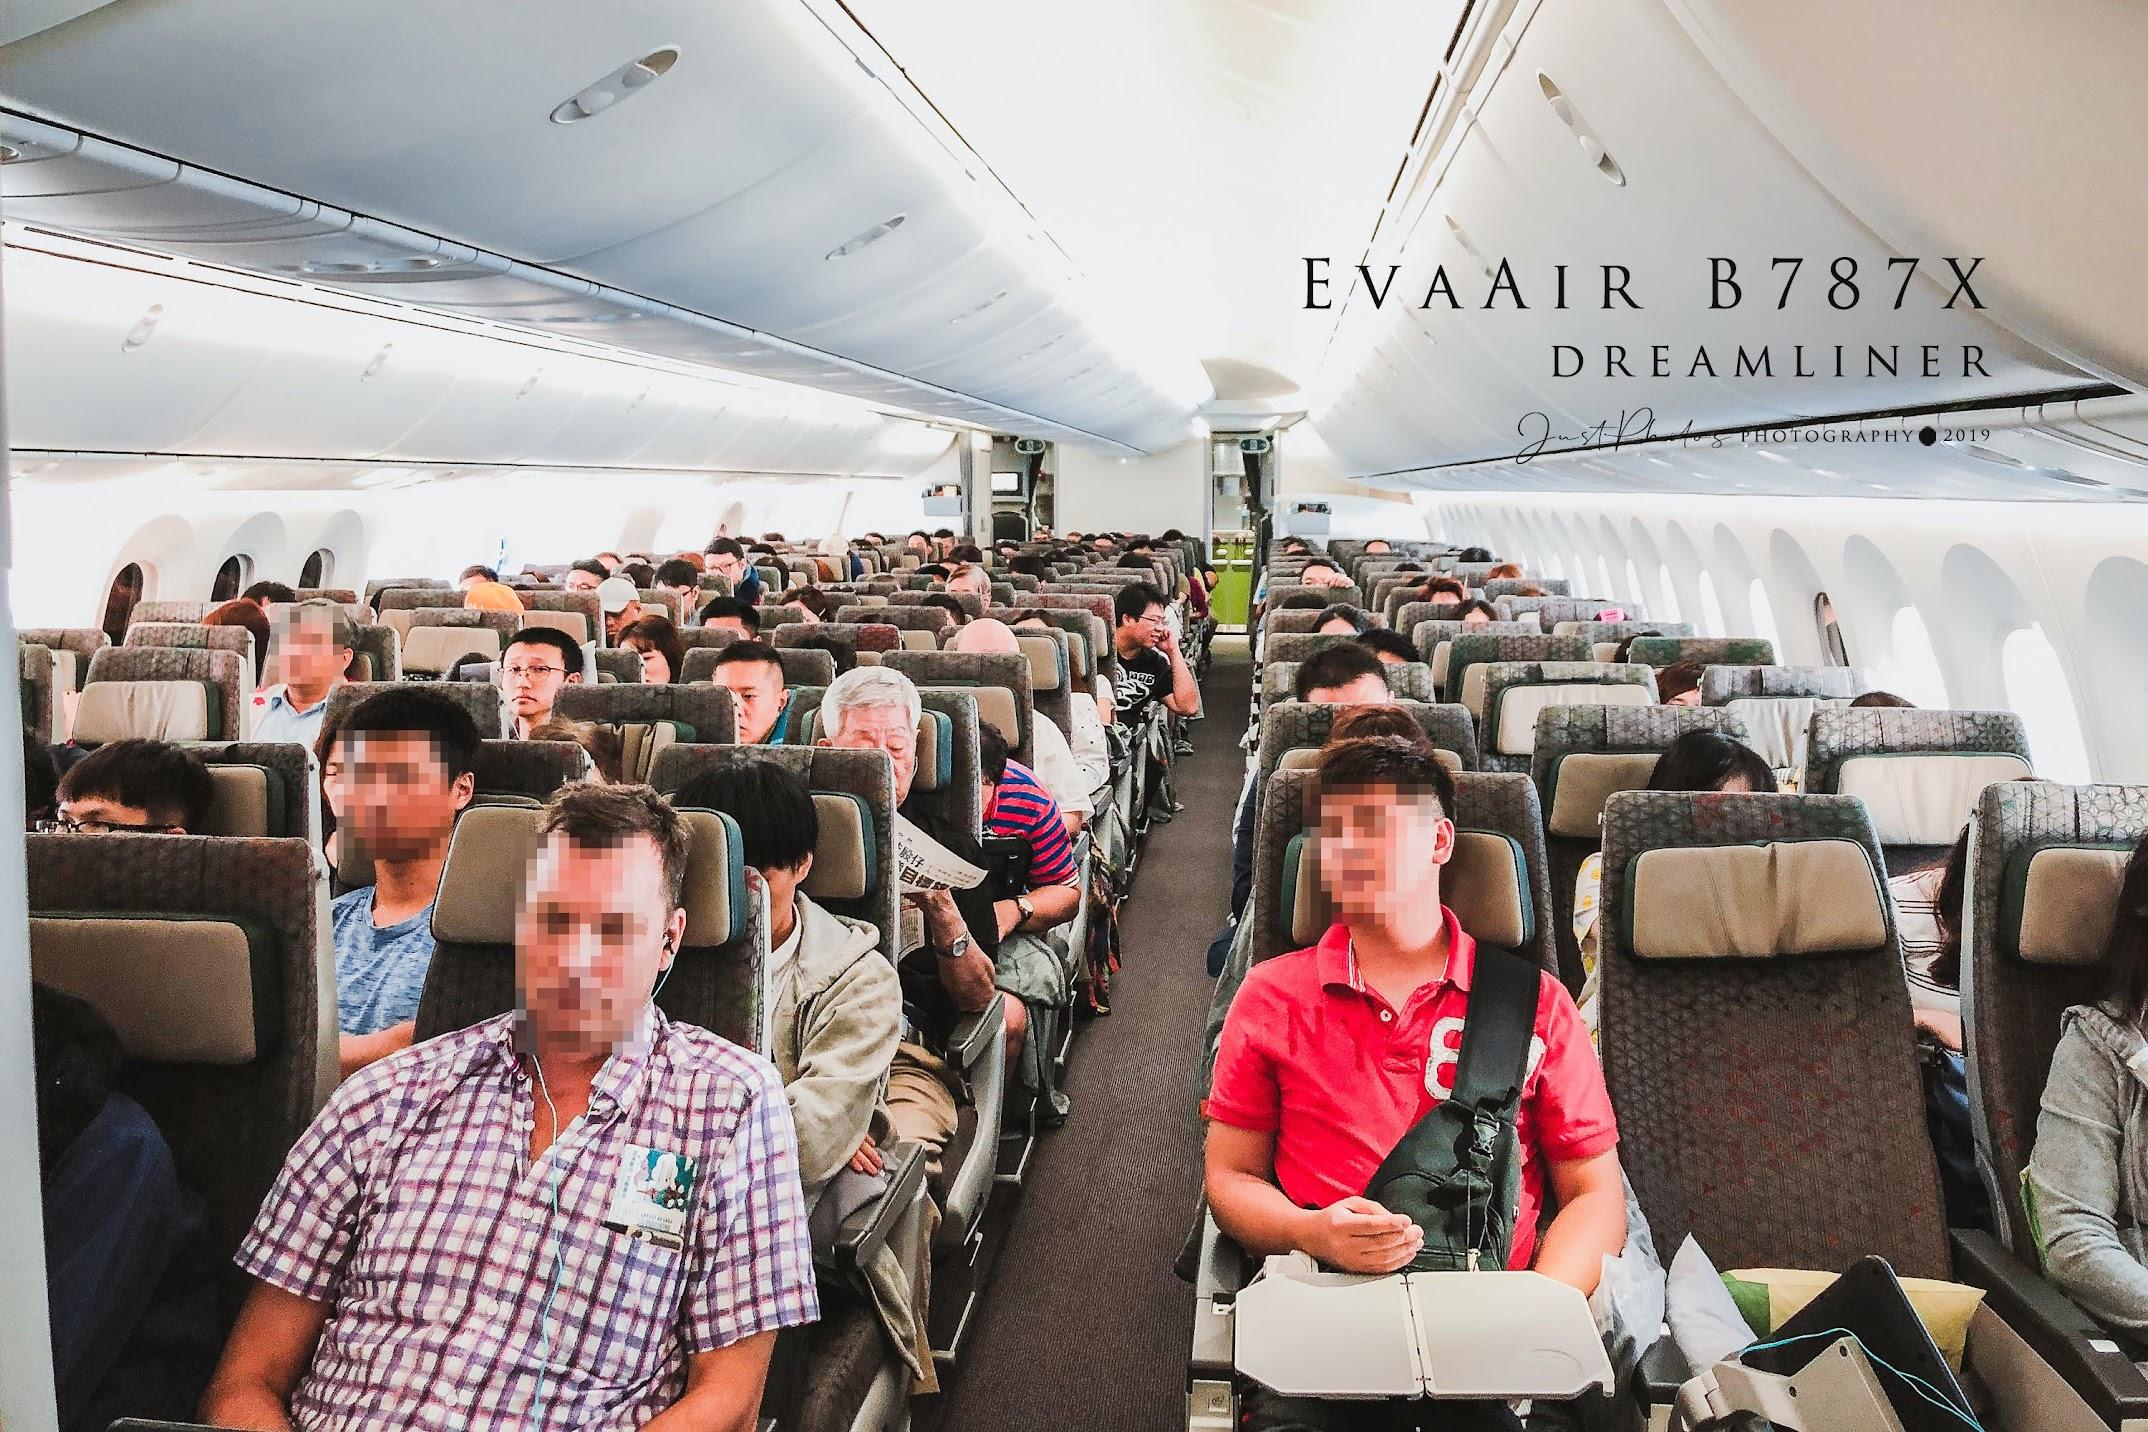 長榮航空B787客艙內配置是採3-3-3配置。